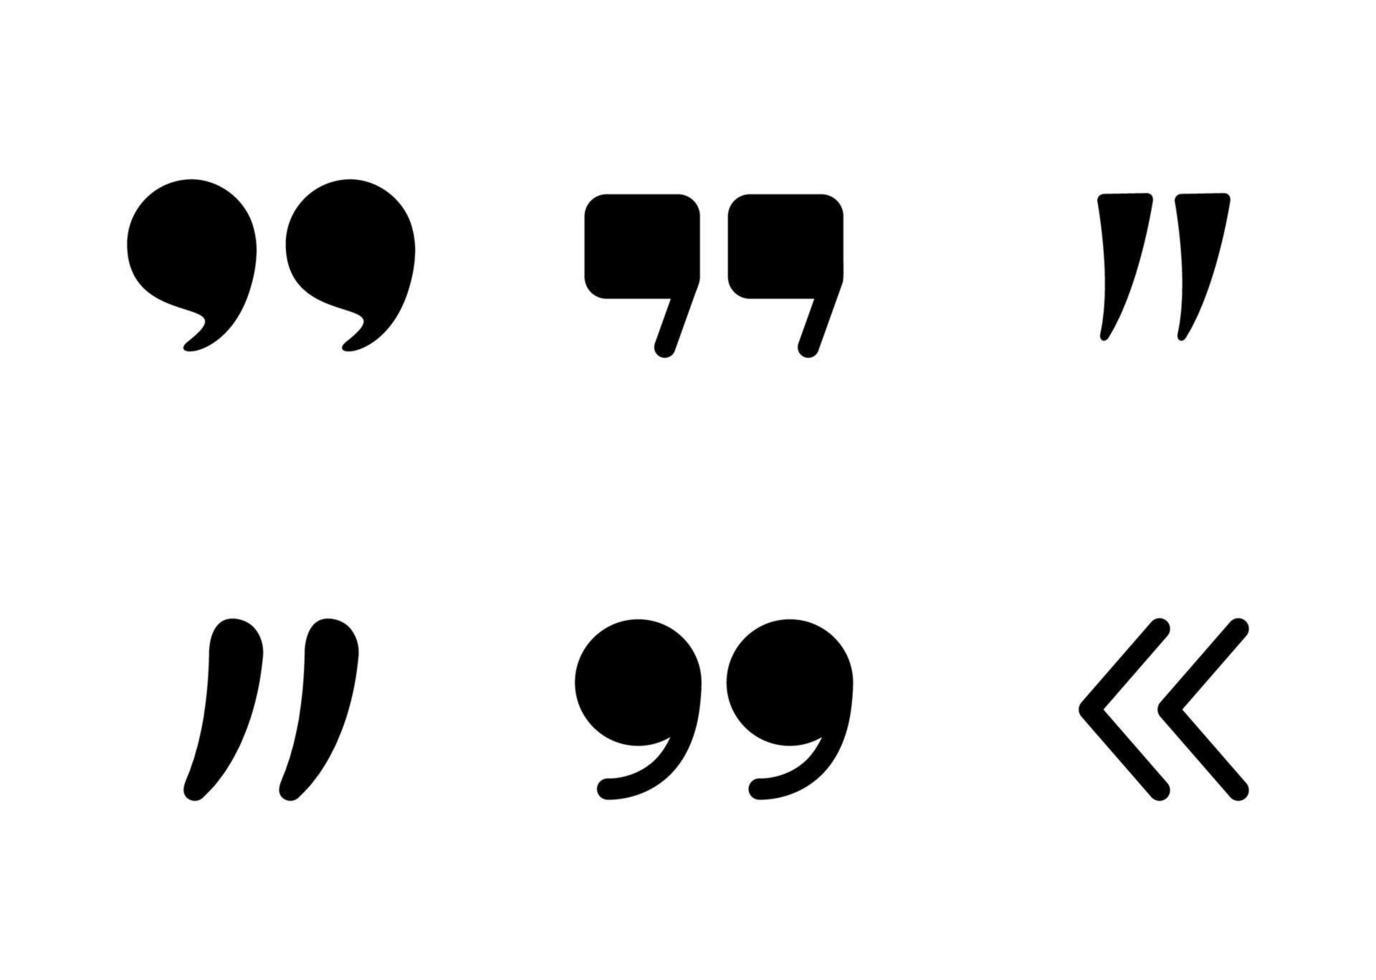 ícone de citações definido - ilustração vetorial. vetor